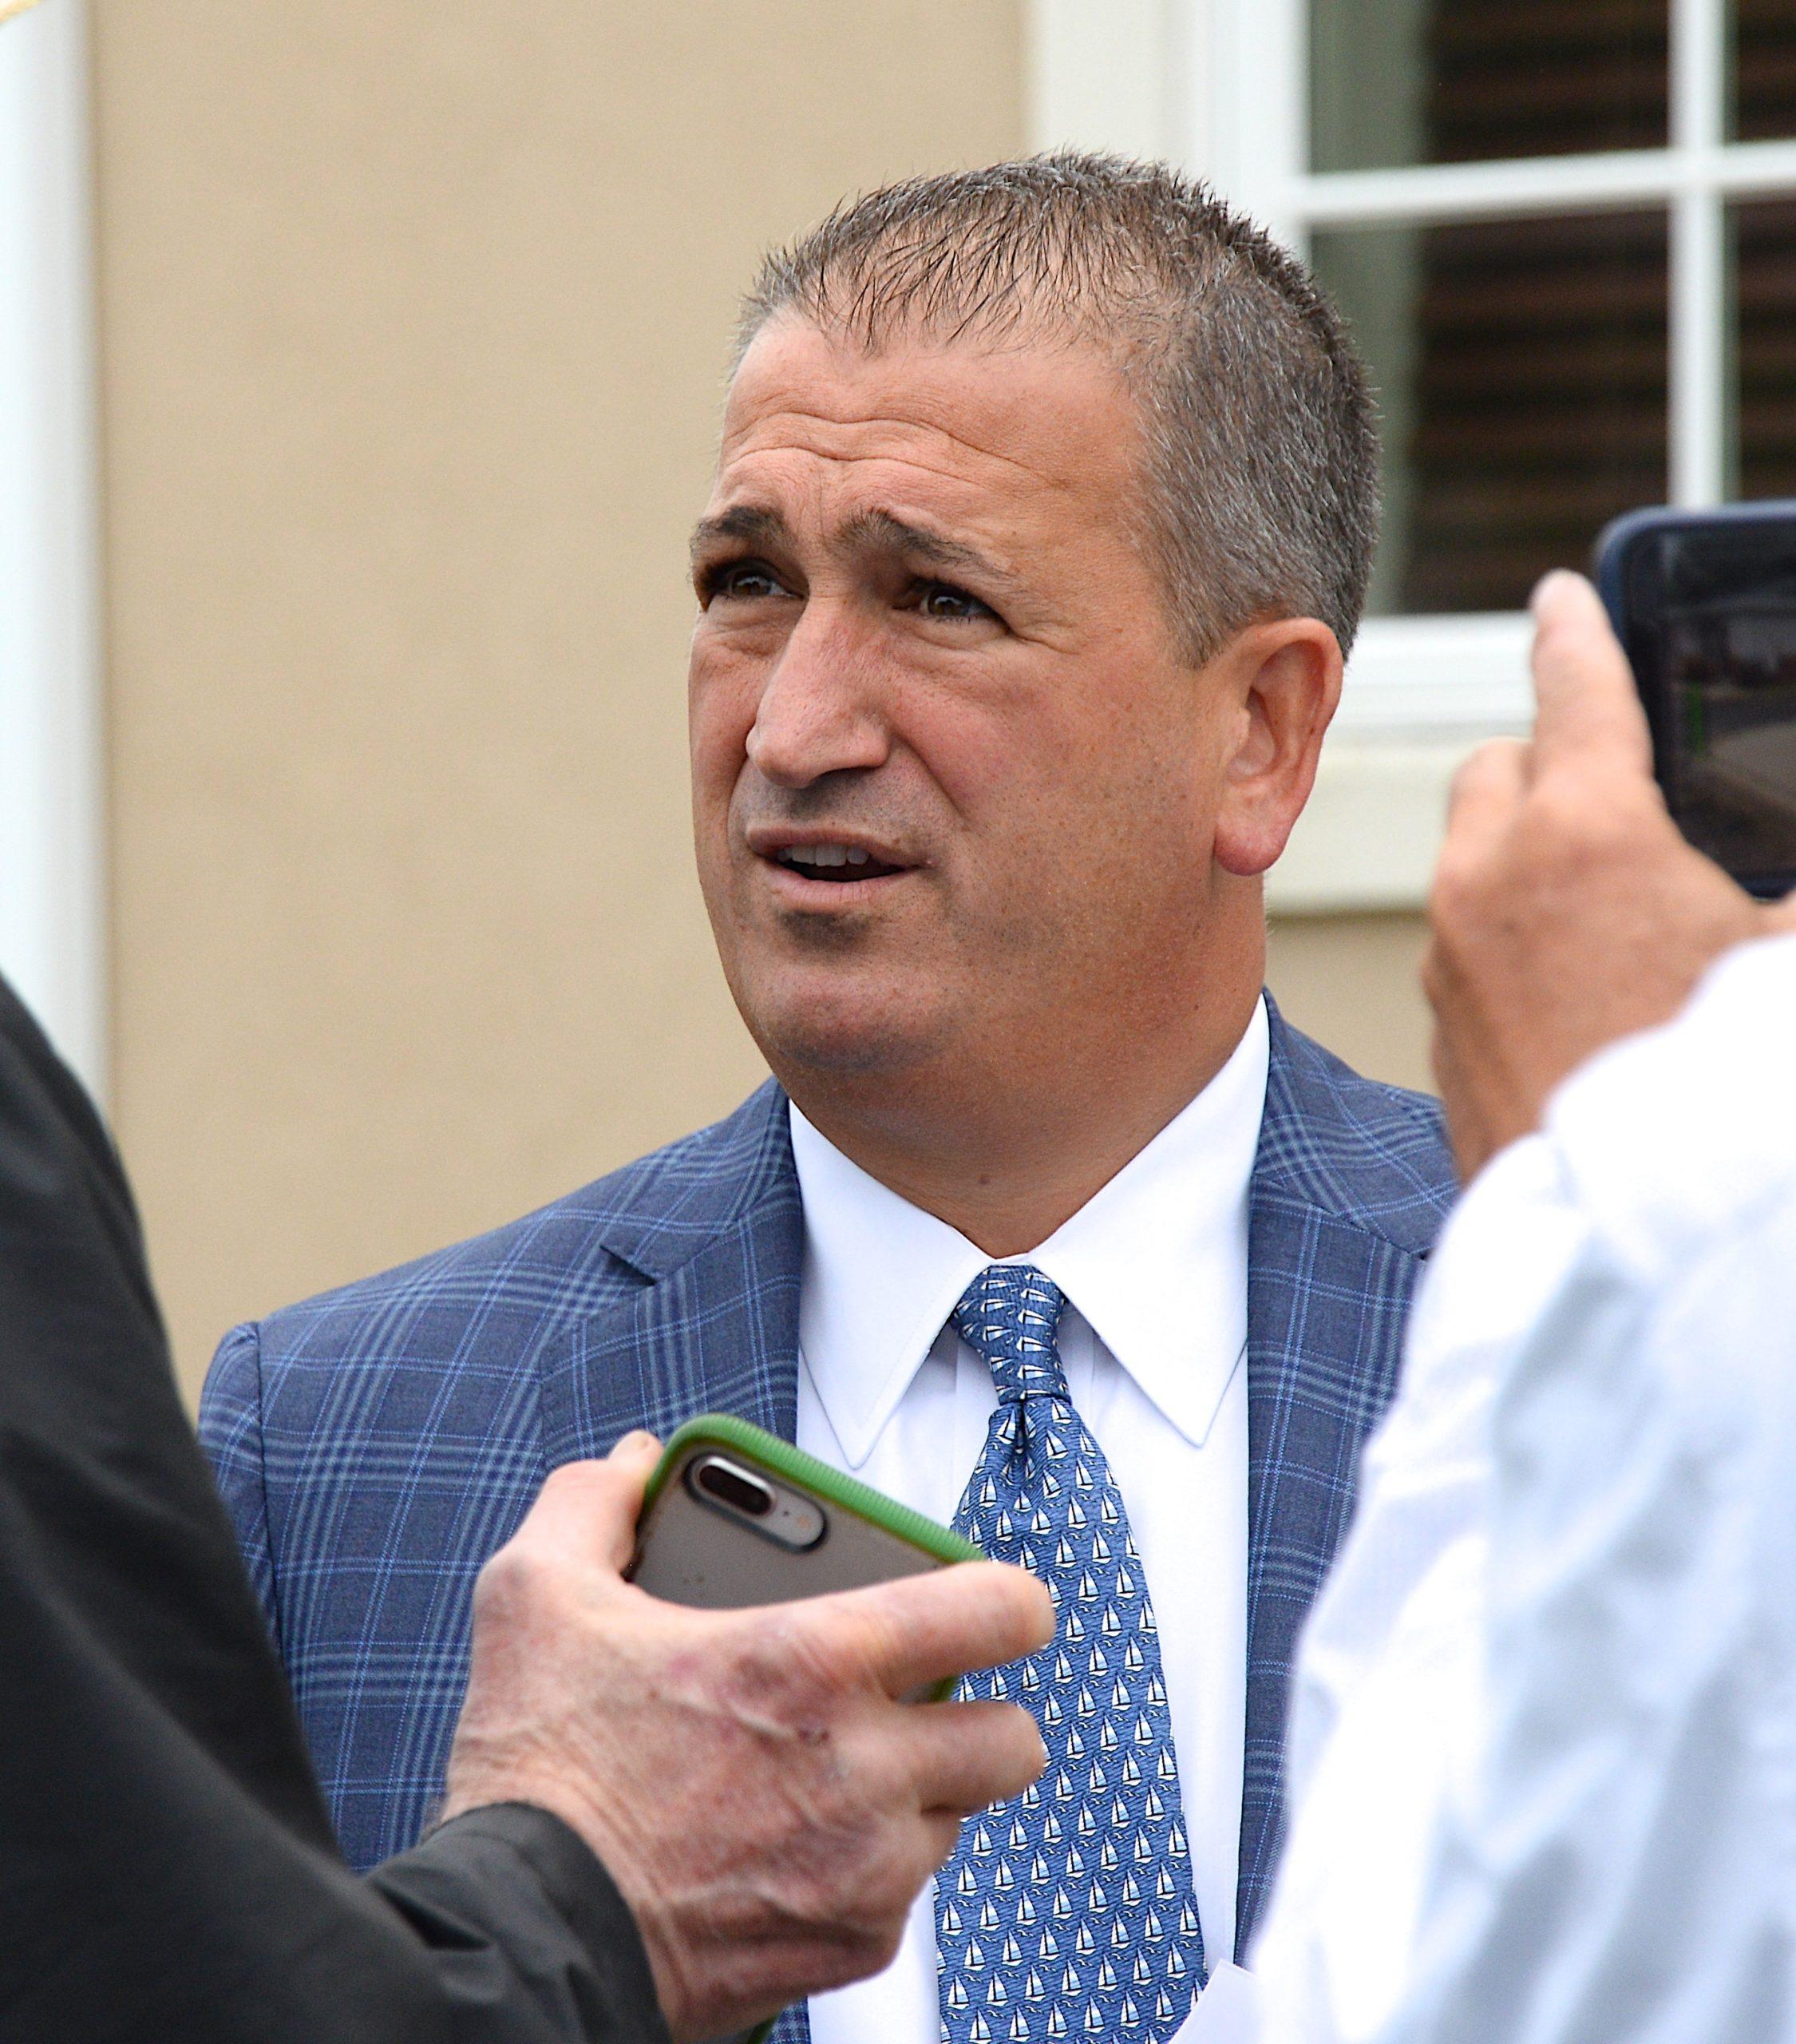 Attorney Dan Russo